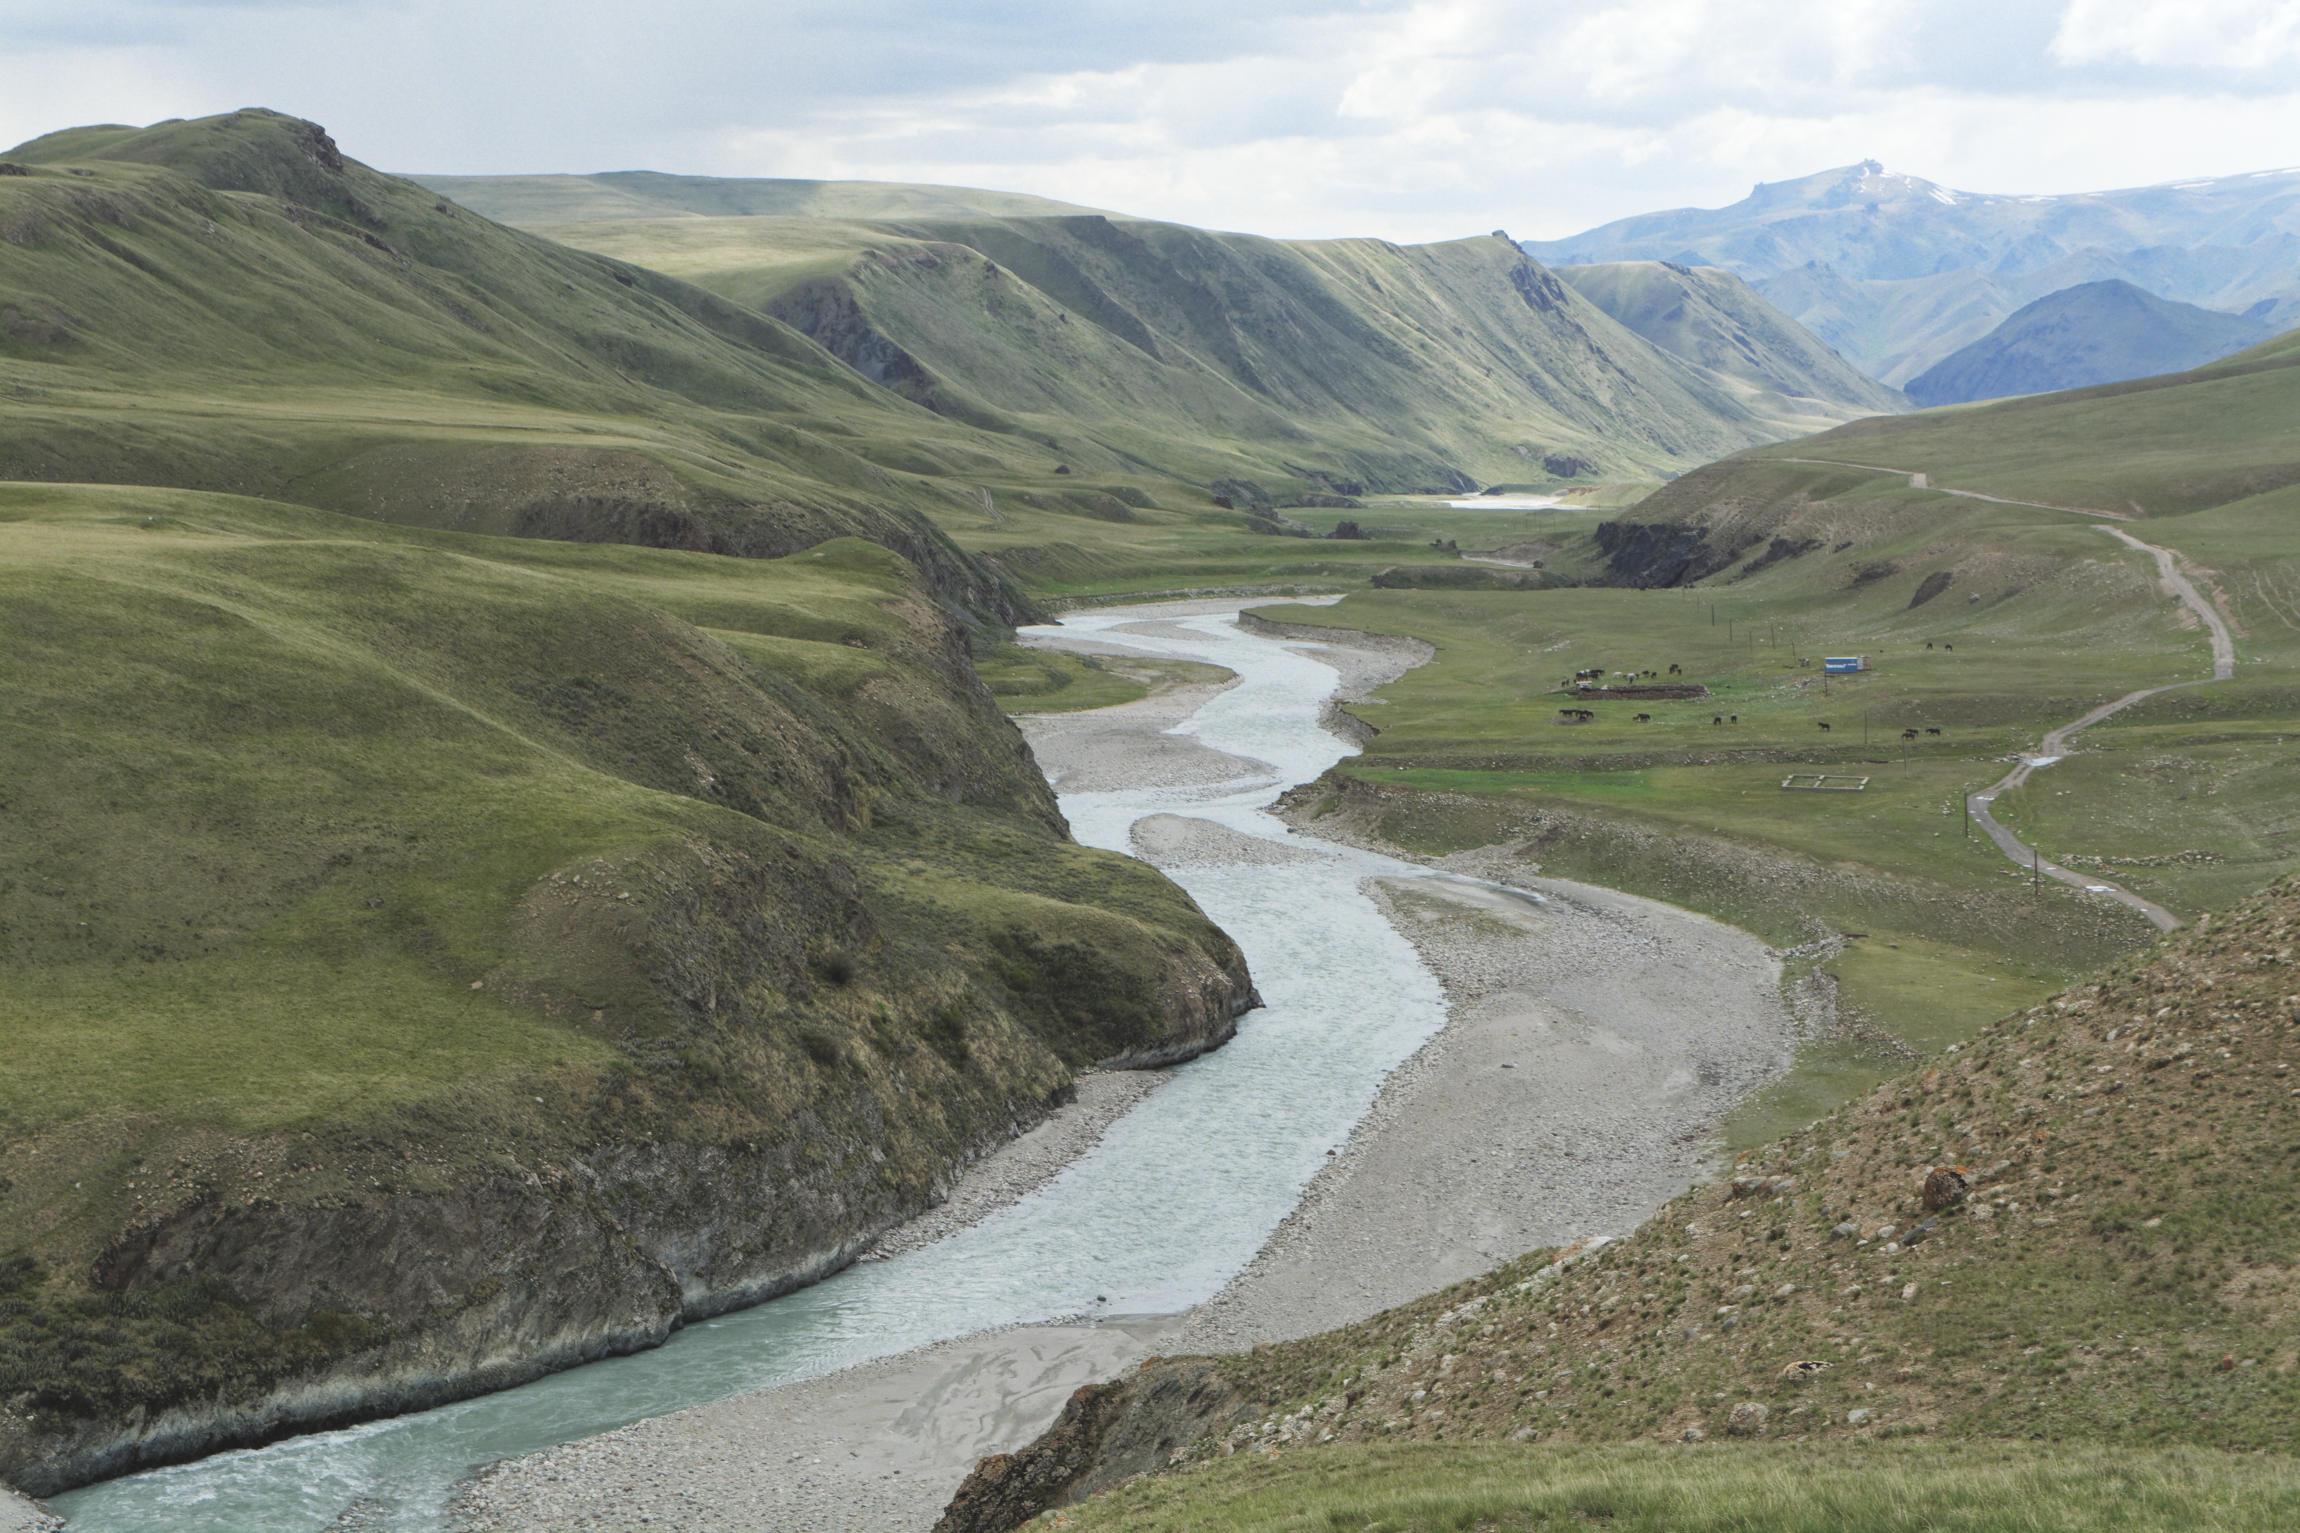 Eshkeli Tash Kirghizstan rivière et troupeau